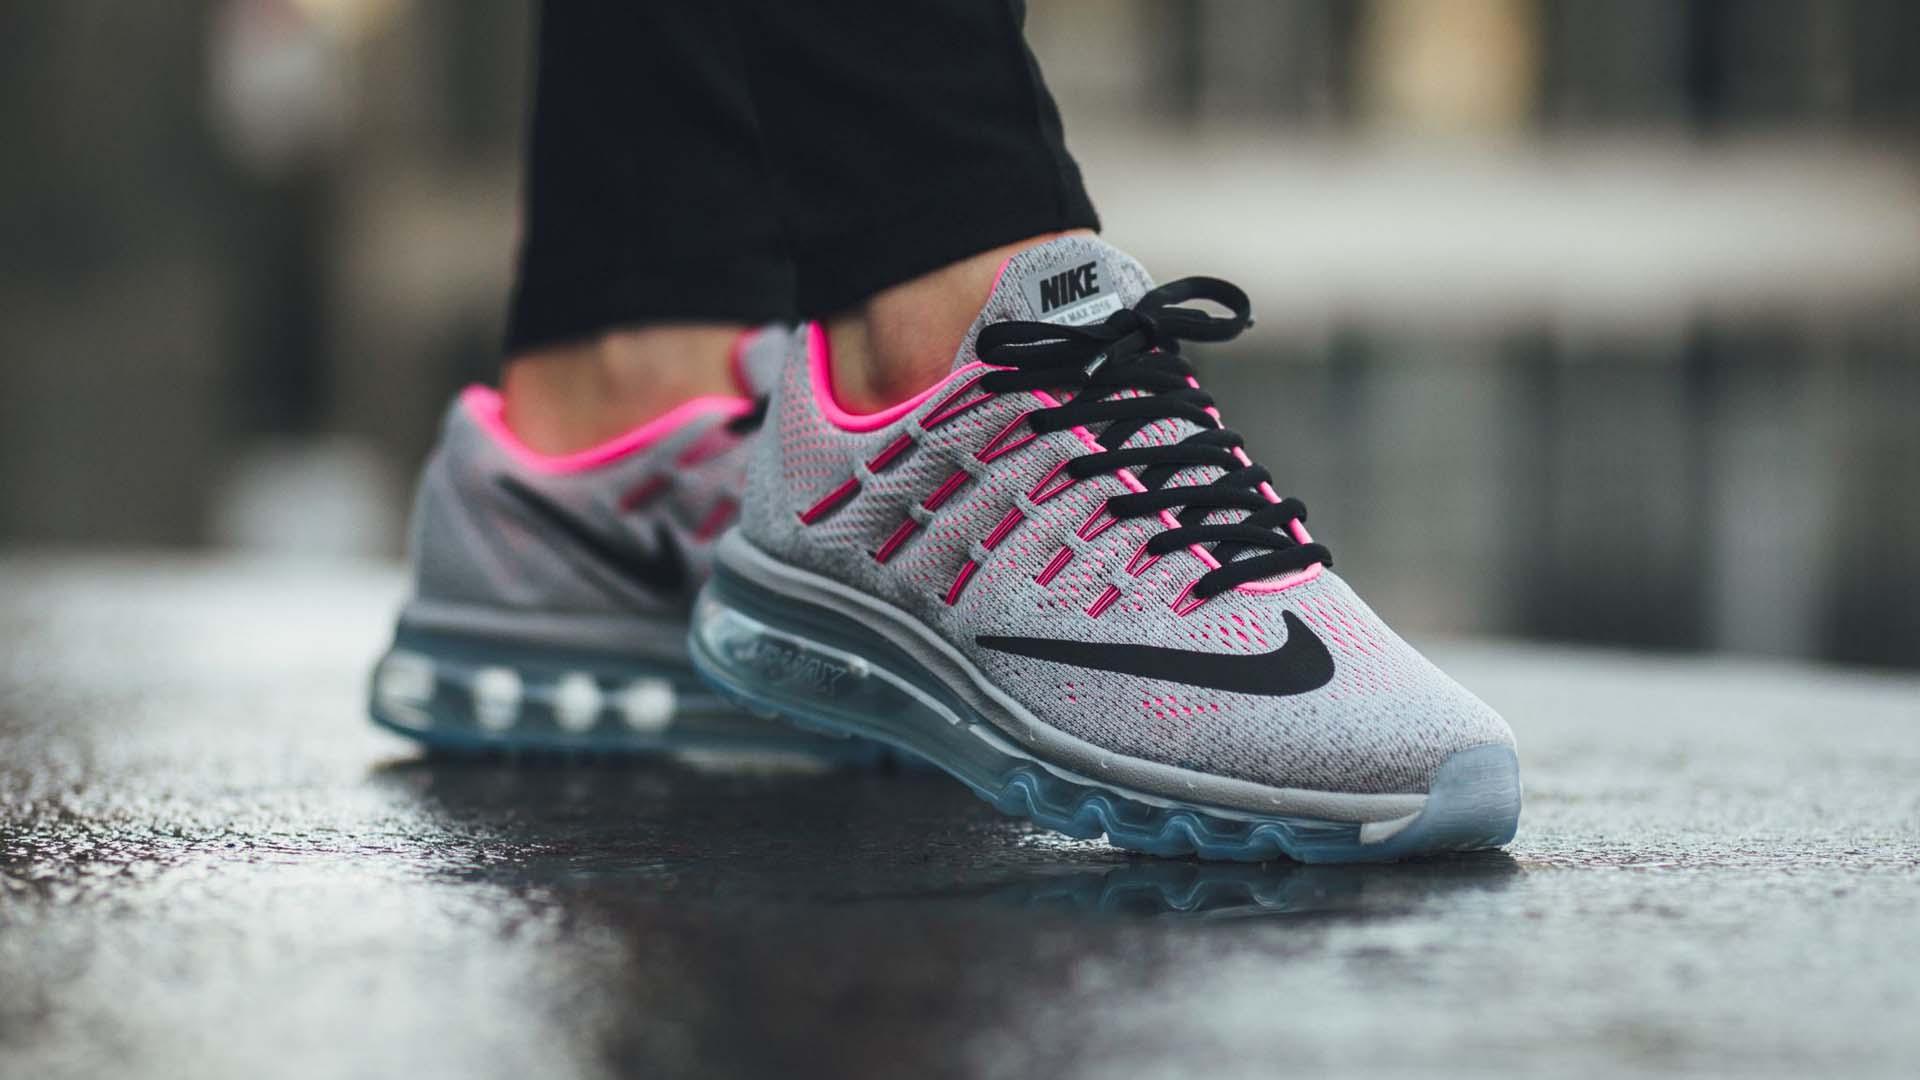 La marca lanzo una nueva línea de ropa y calzado especialmente para hacer la vida de los atletas más fácil